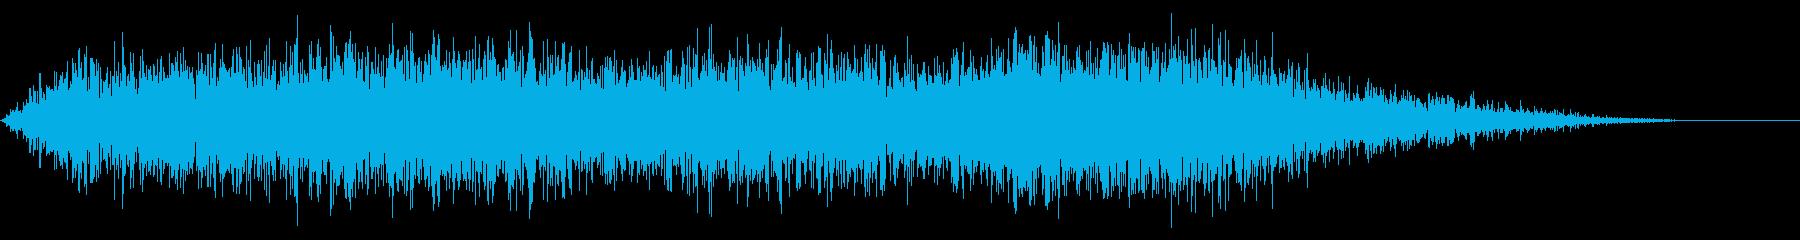 ハードノイズ遷移の再生済みの波形